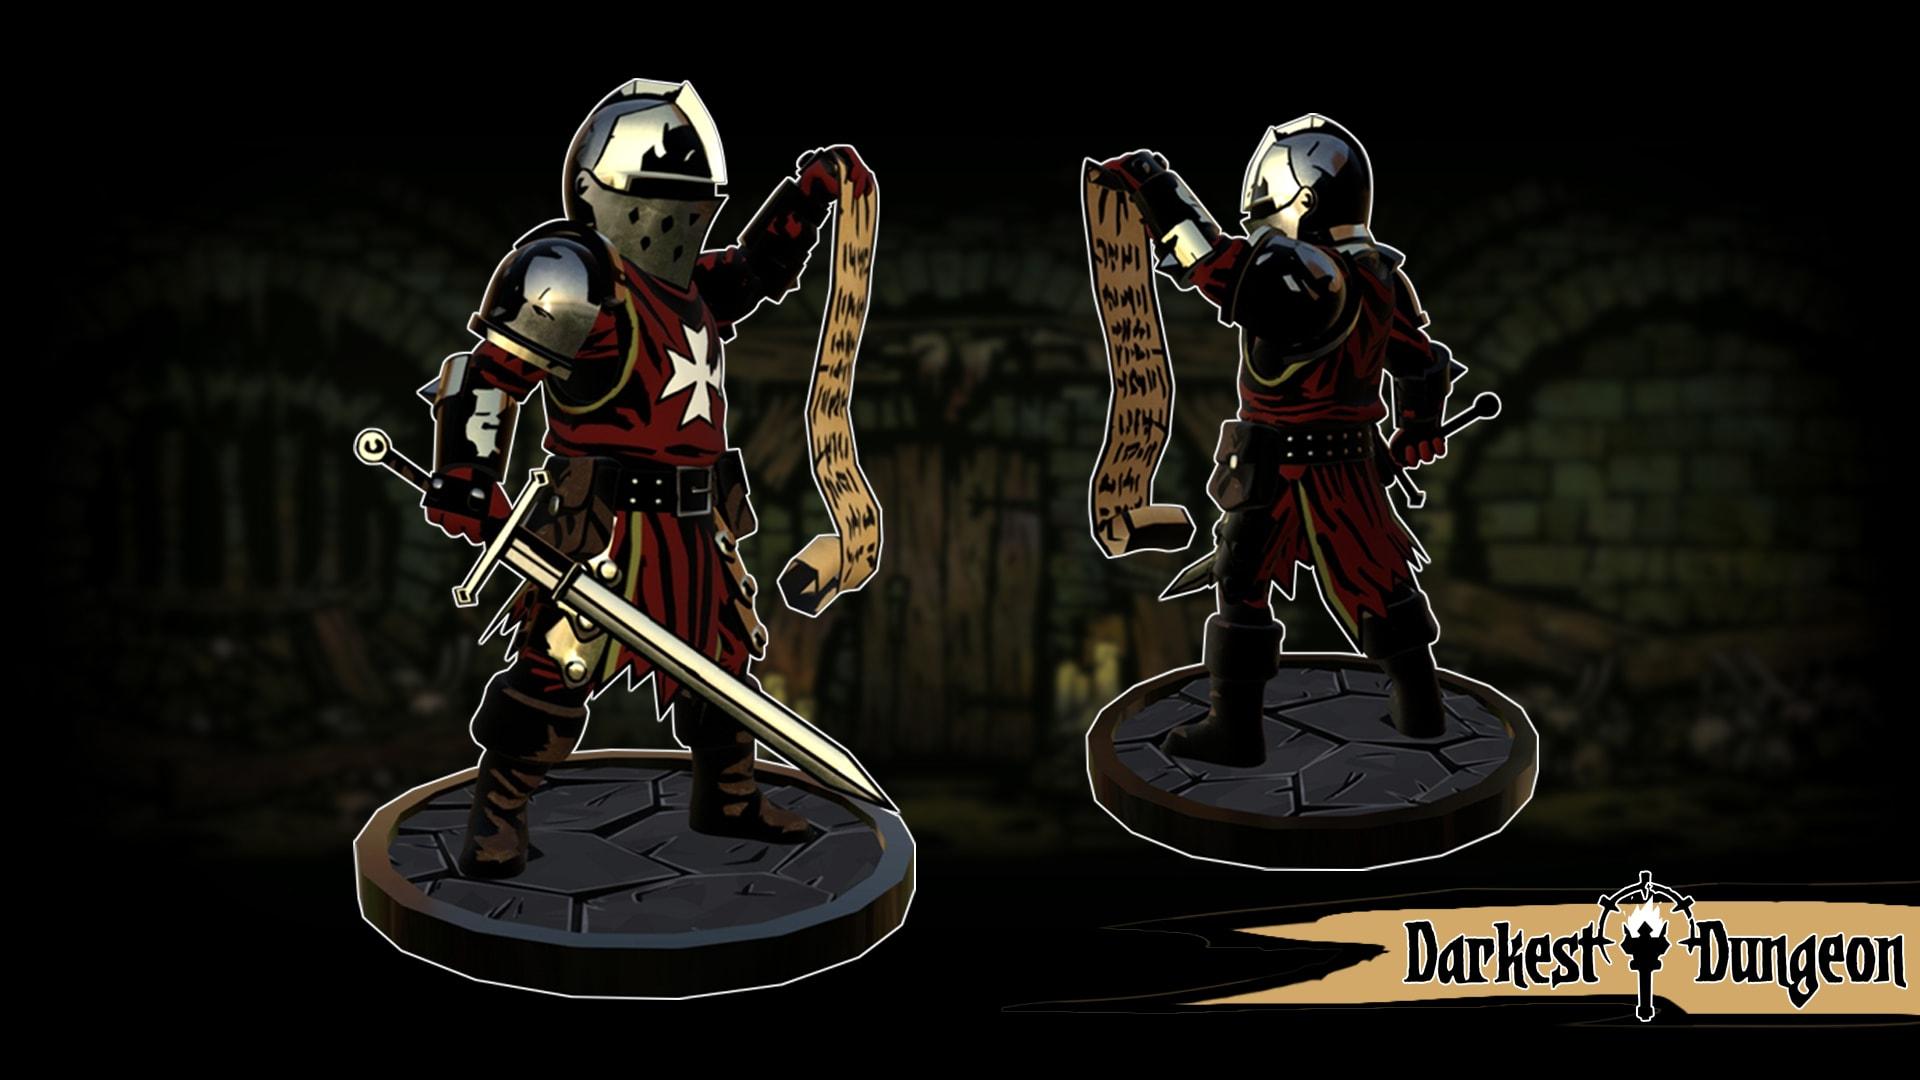 Darkest Dungeon: Crusader Background